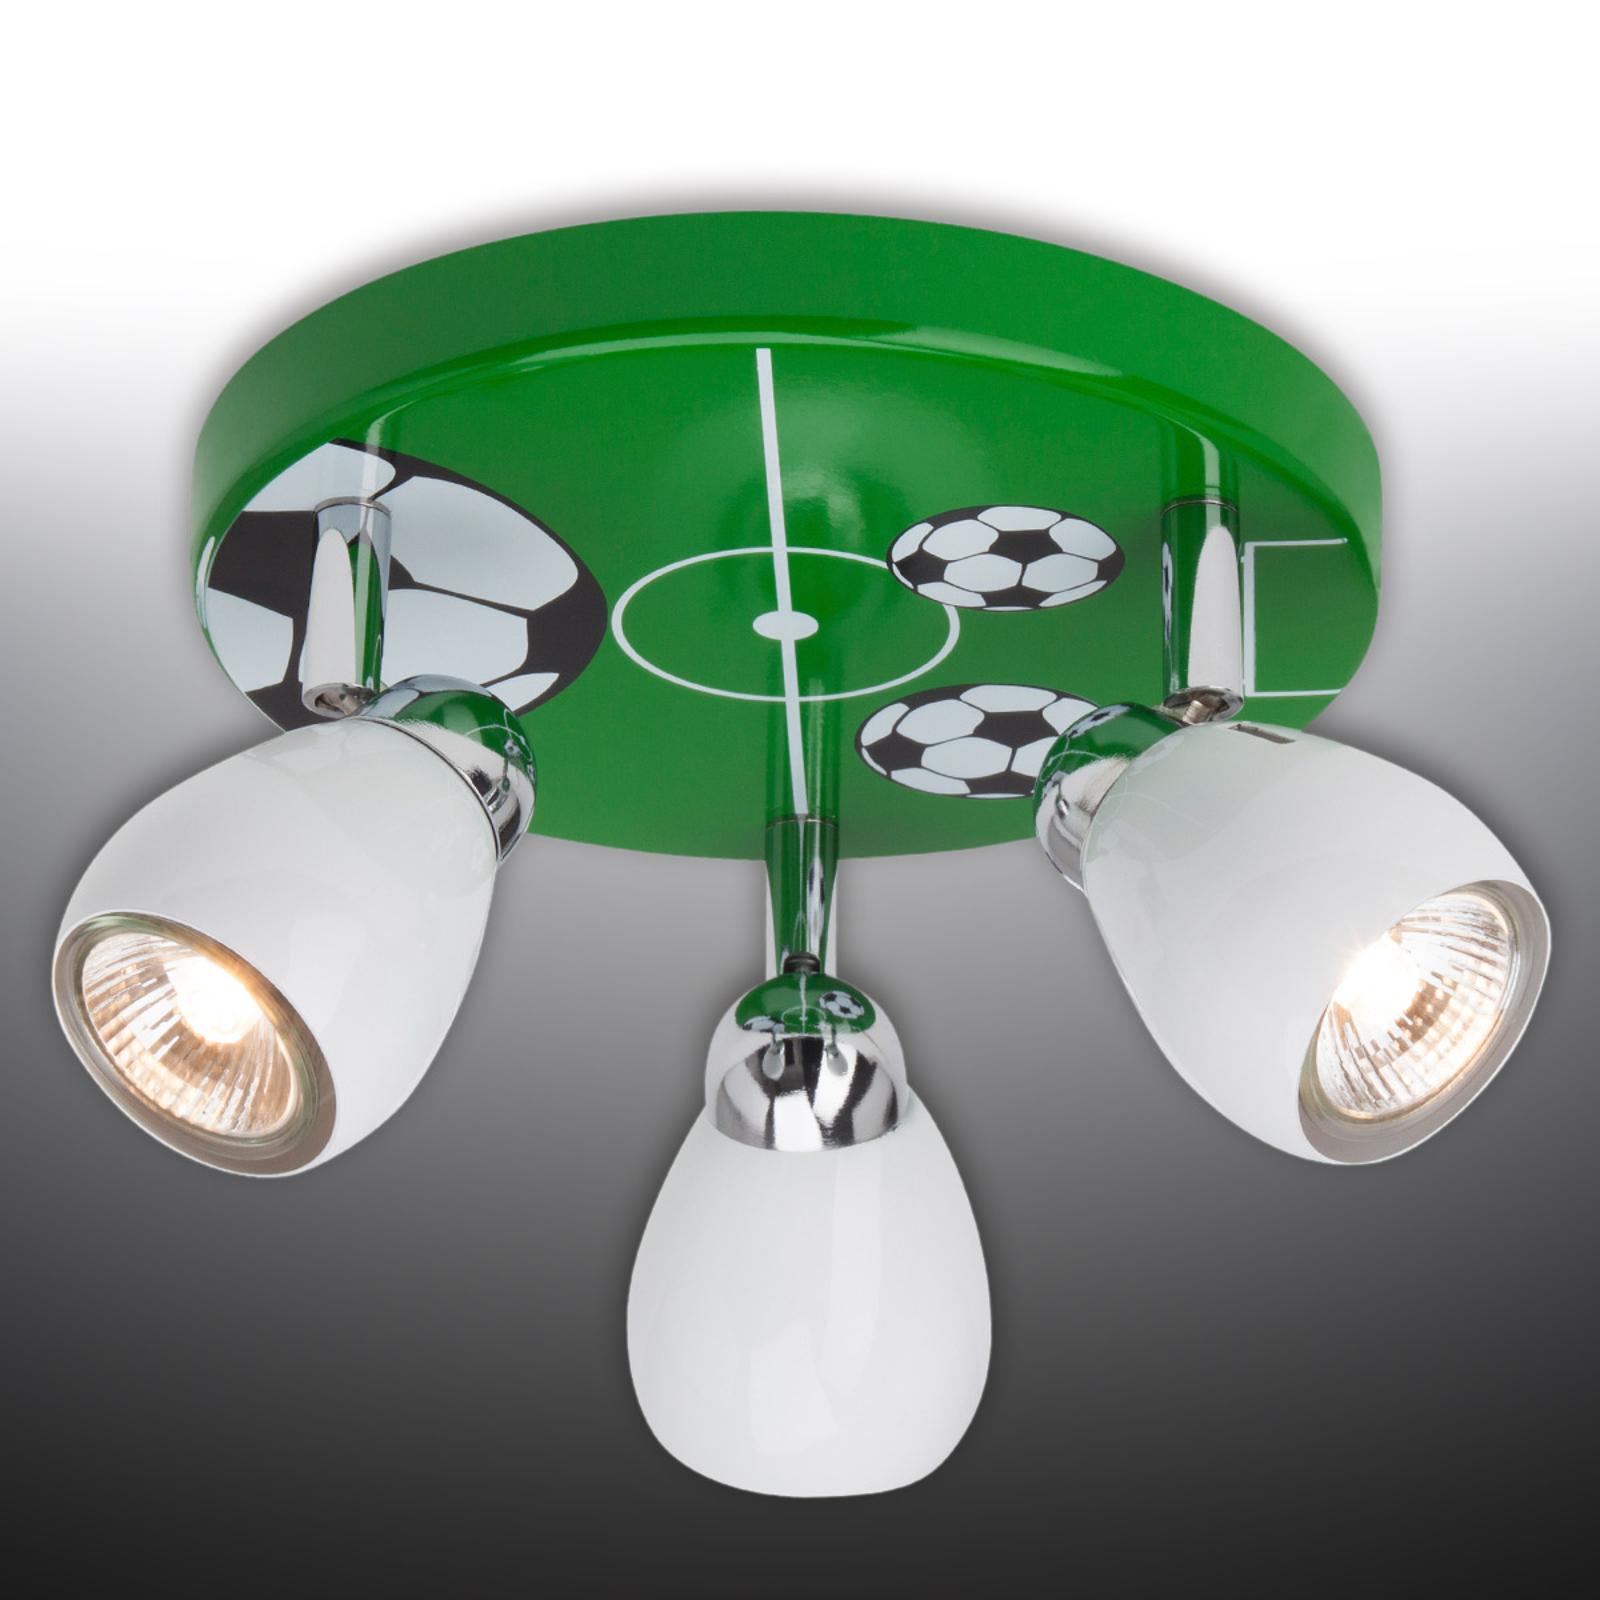 Soccer LED ceiling light, 3-bulb_1507233_1